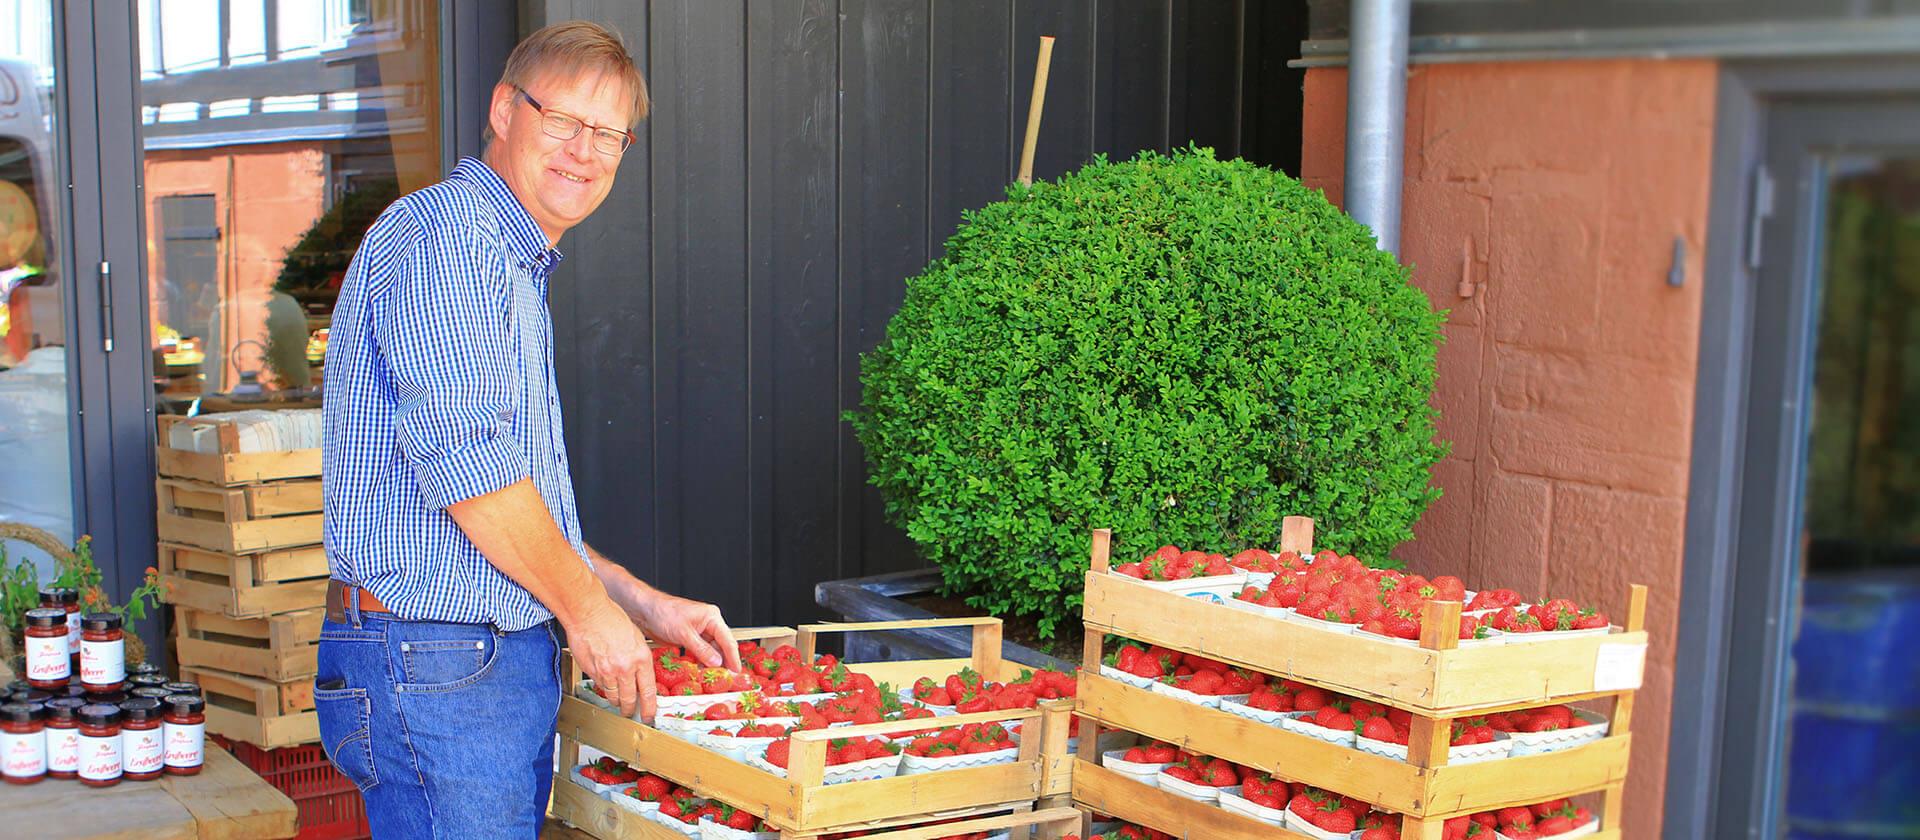 Erdbeerernte auf dem Hofgut Dagobertshausen